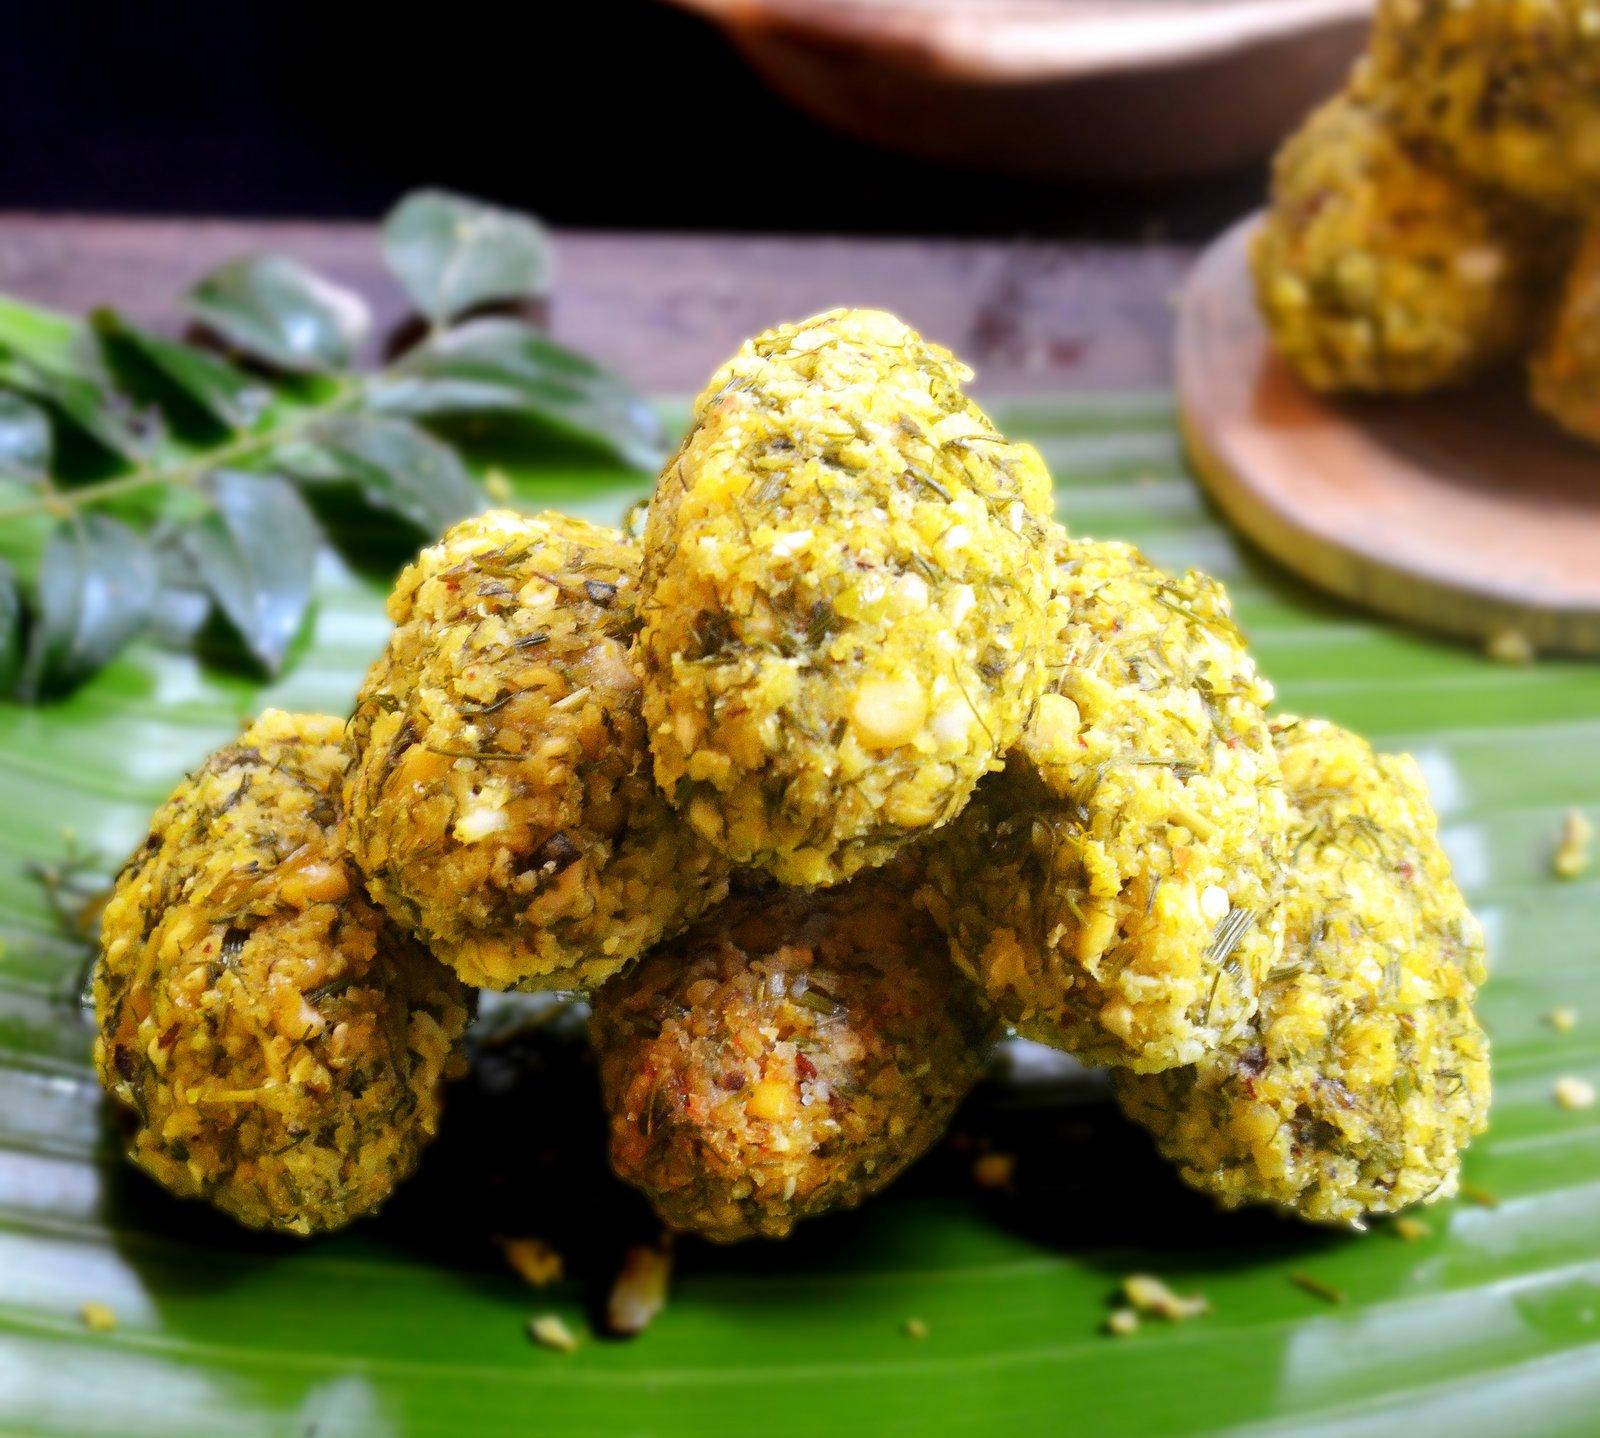 Nuchinunde nucchina unde recipe by archanas kitchen nuchinunde nucchina unde recipe karnataka style dal steamed pakora forumfinder Gallery